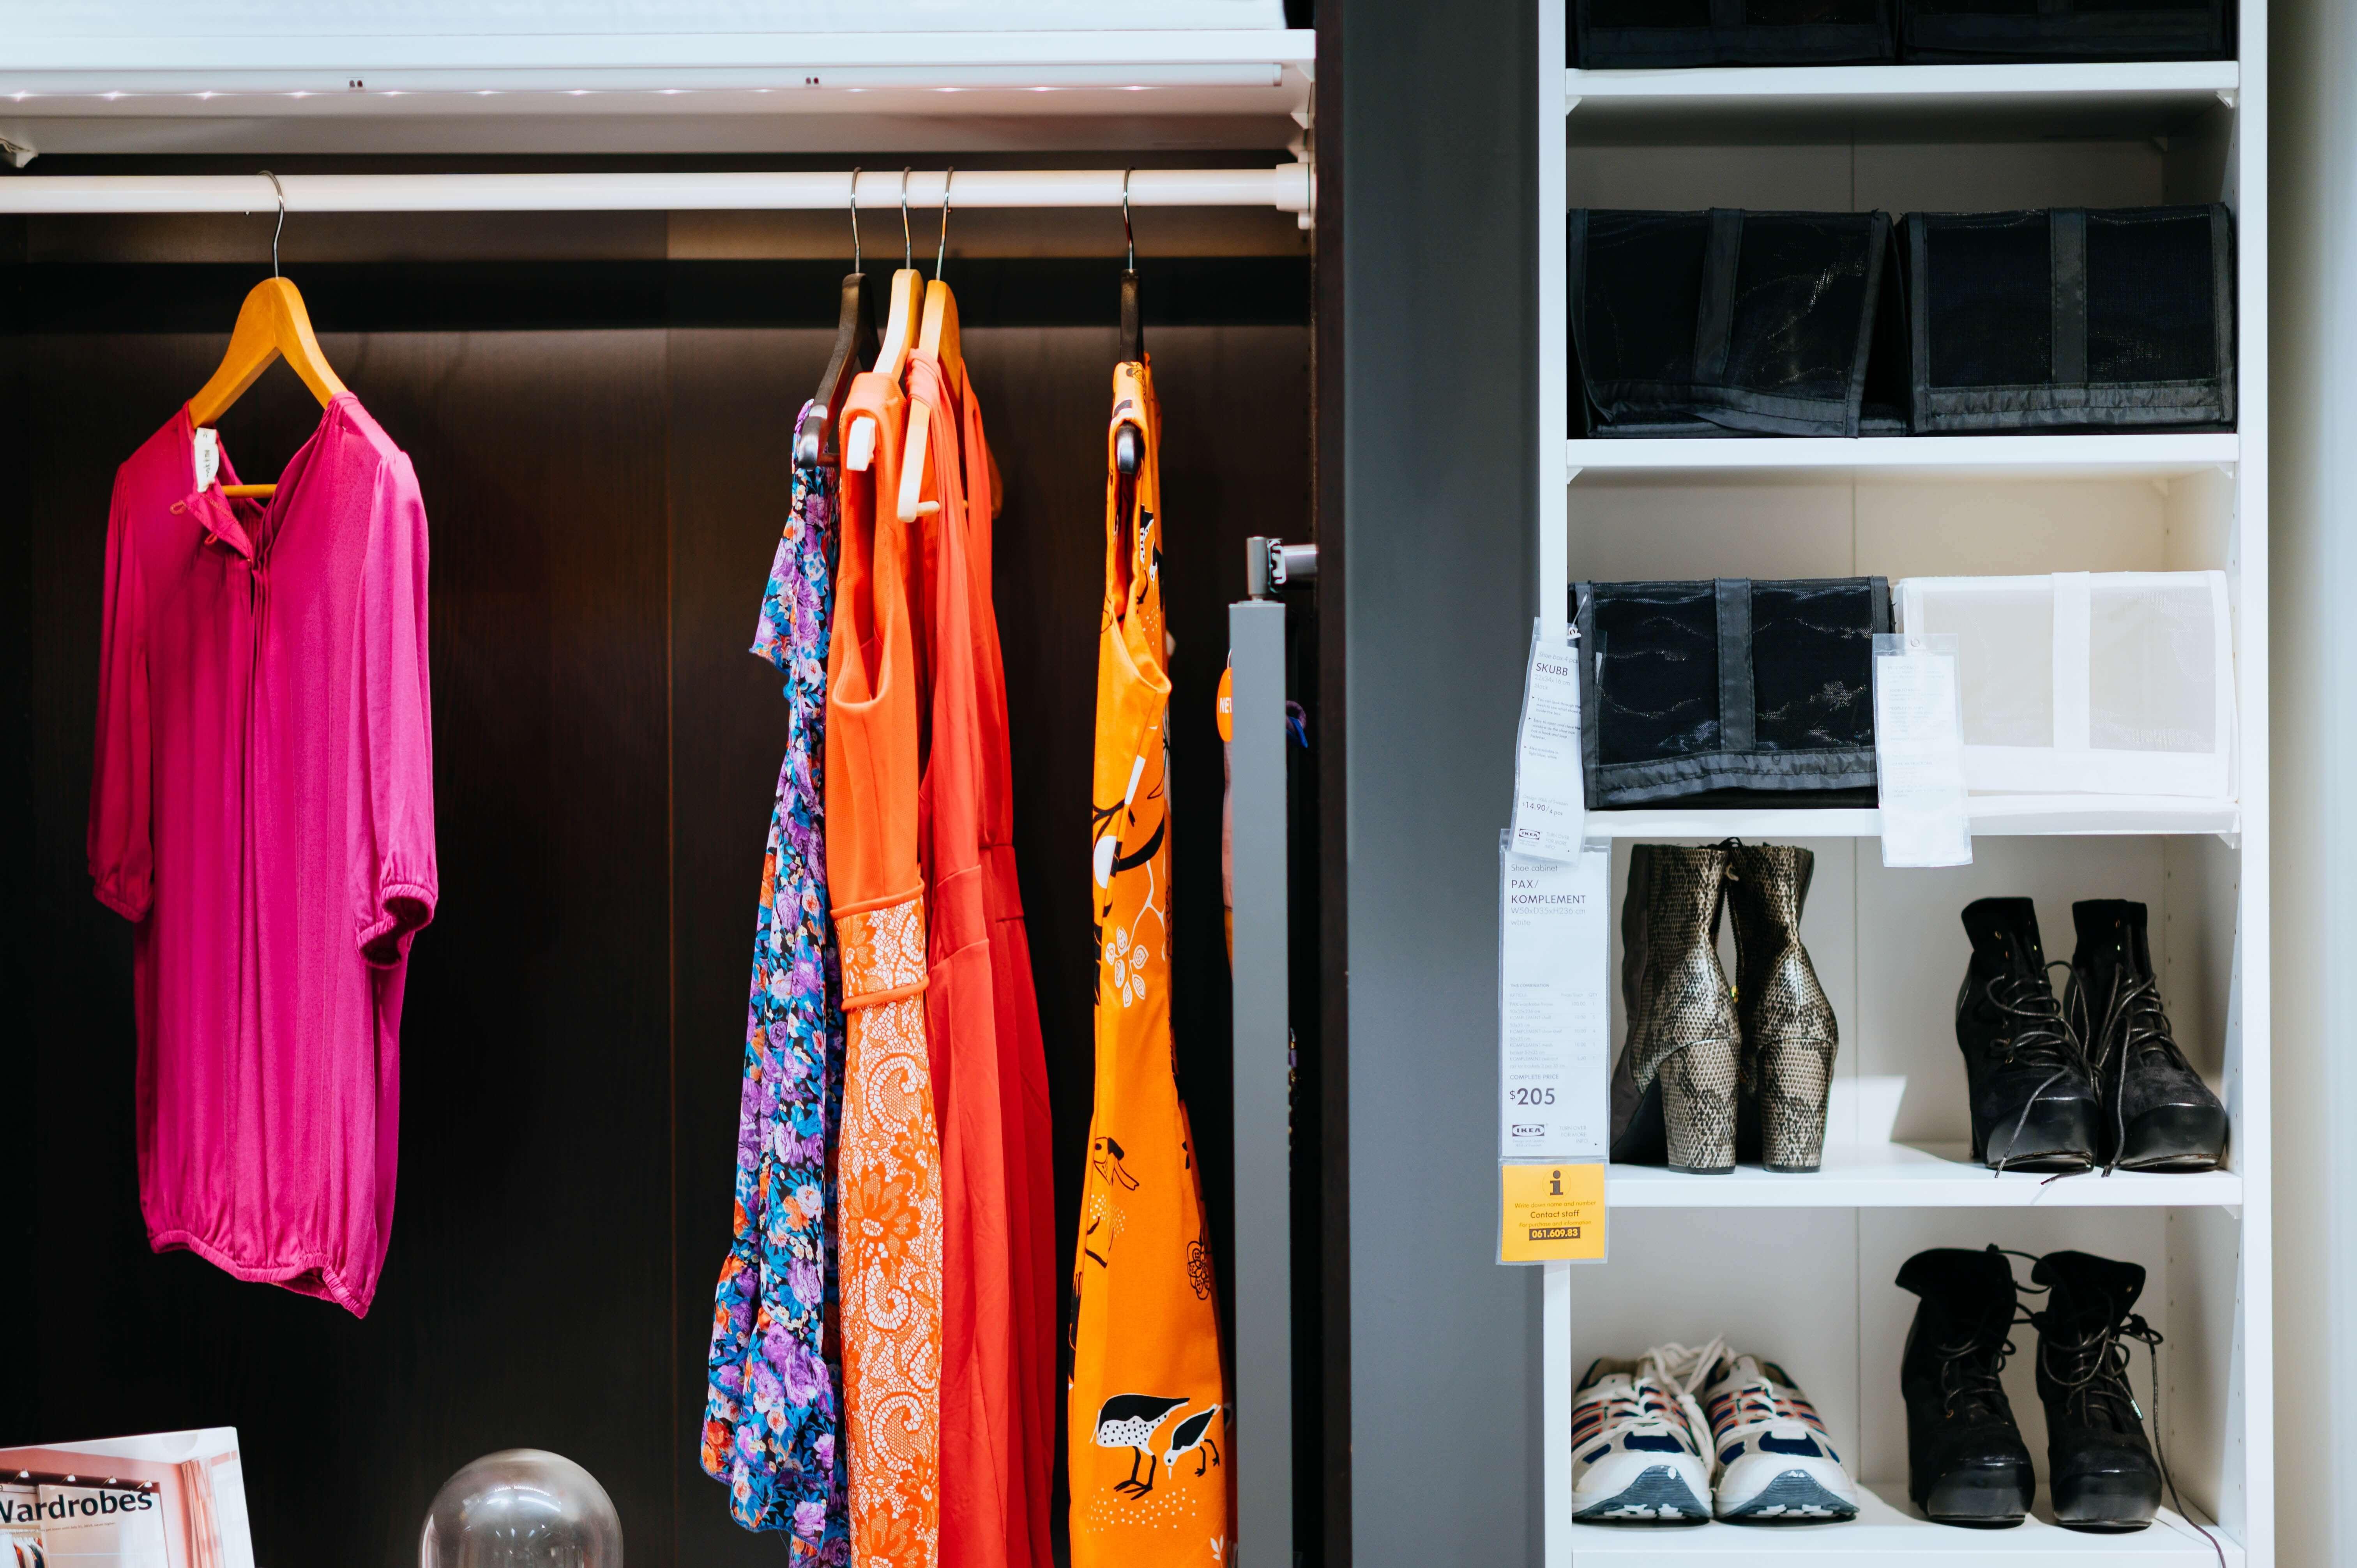 衣類の収納とシューズボックス